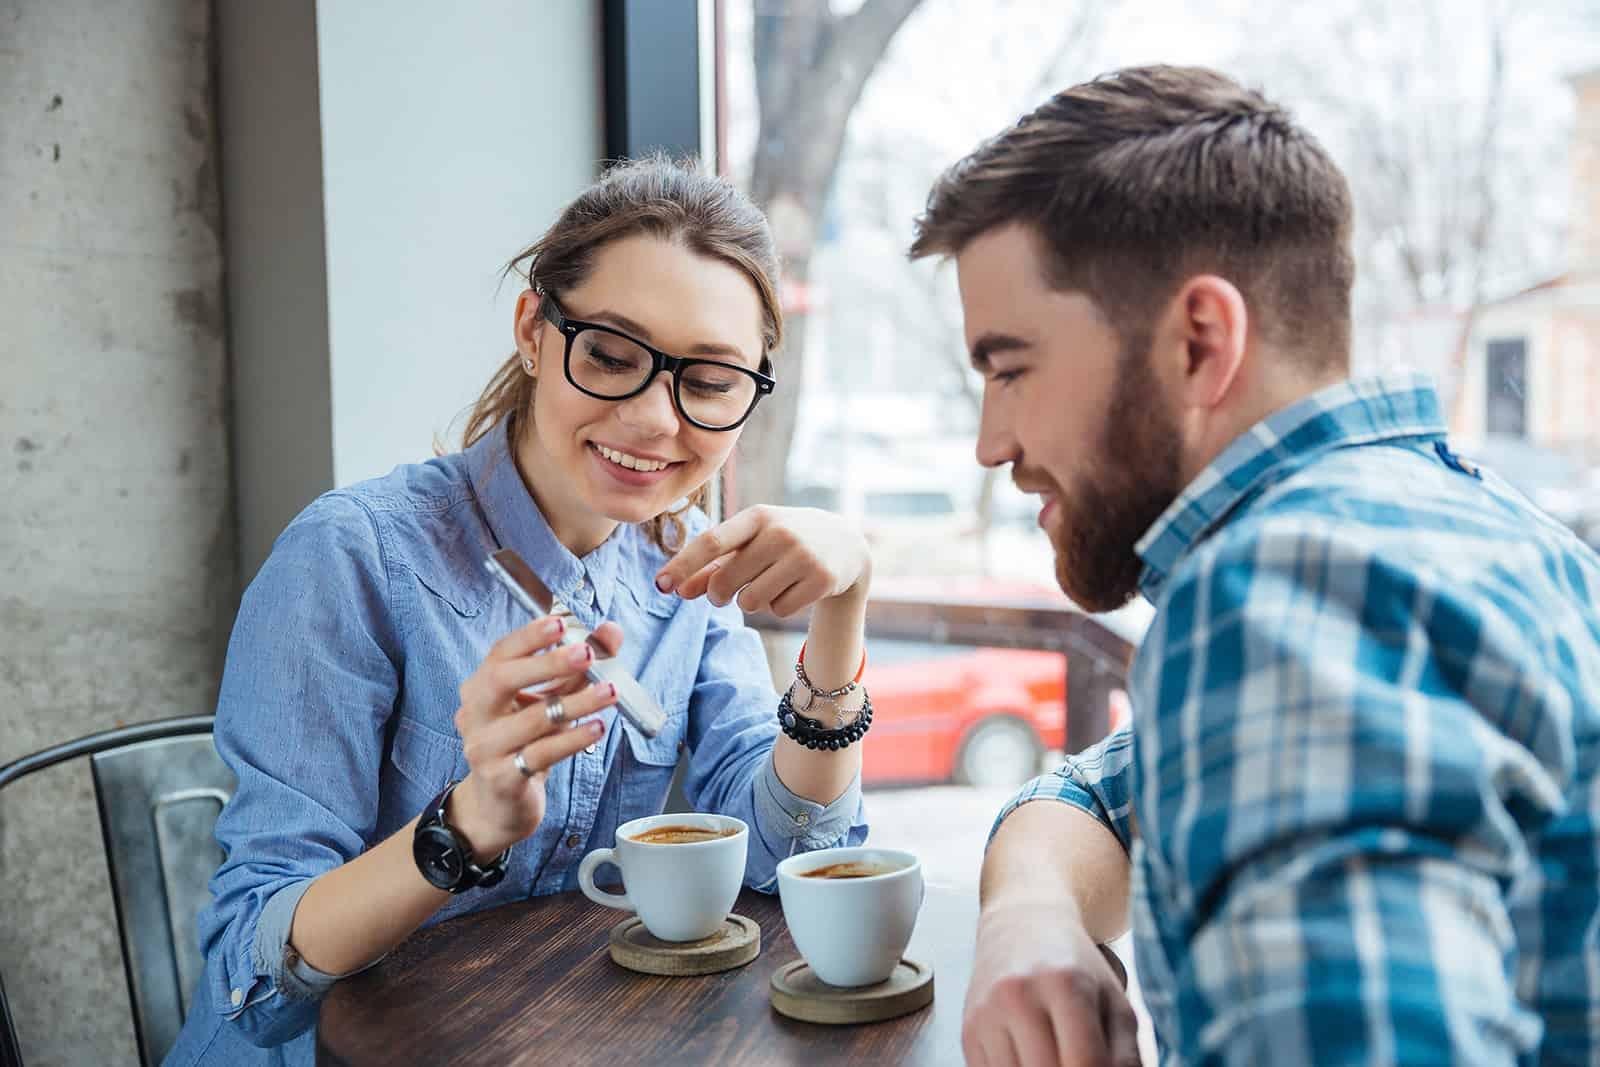 Eine lächelnde Frau zeigt einem Mann, der mit ihr im Café sitzt, ein Smartphone